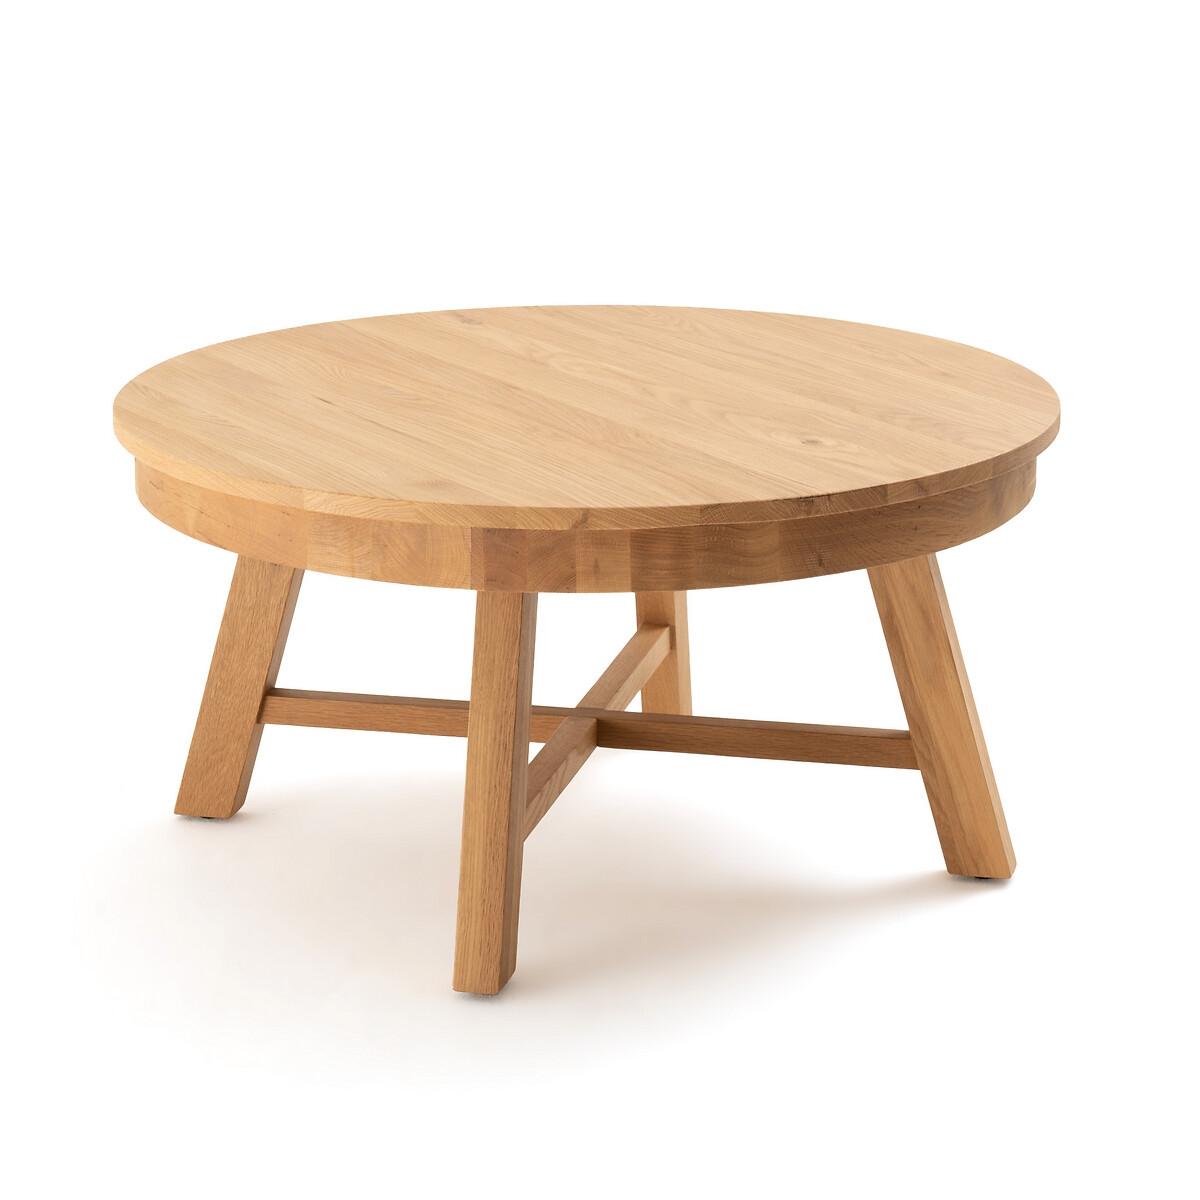 Столик LaRedoute Журнальный круглый из массива дуба Zebarn единый размер каштановый